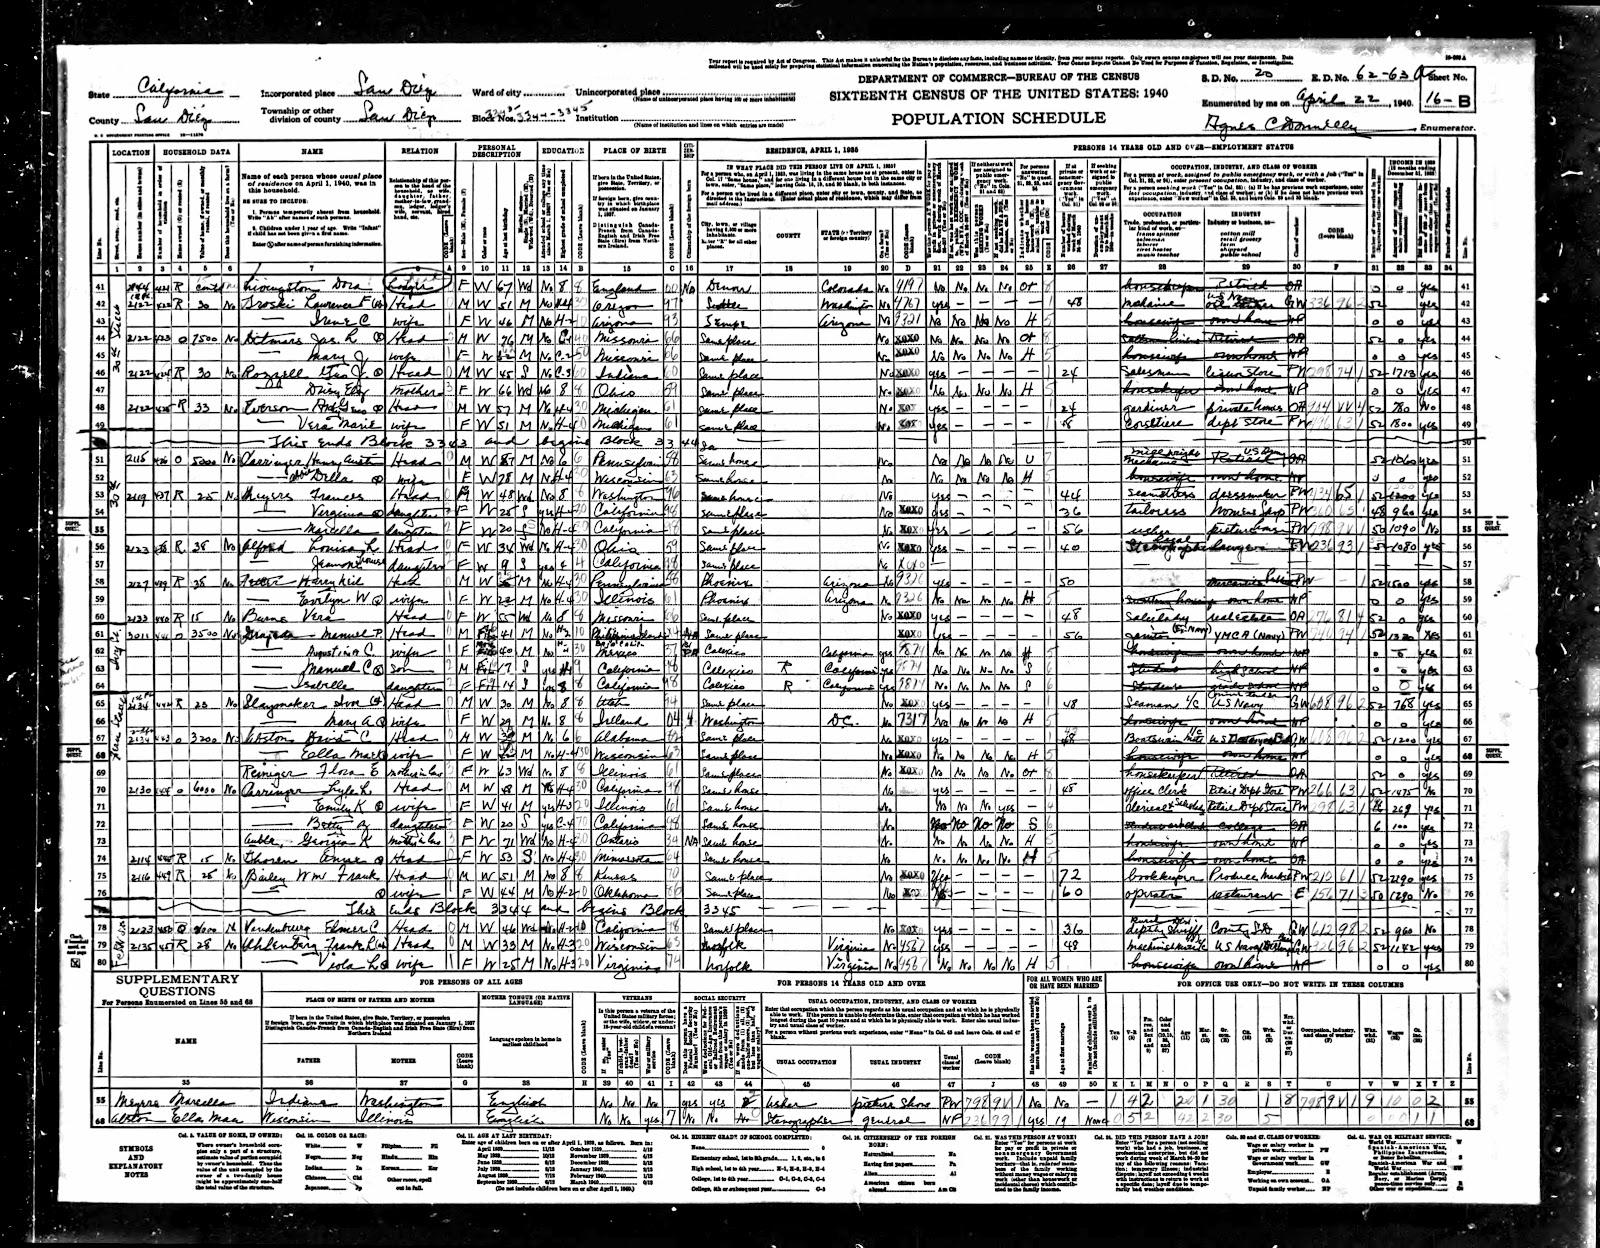 http://1.bp.blogspot.com/-N8RT3W5IesE/T326h17KlFI/AAAAAAAAKZE/vSghlhDAMpI/s1600/LyleLCarringer-1940-CensusUS-SandiegoCA.jpg